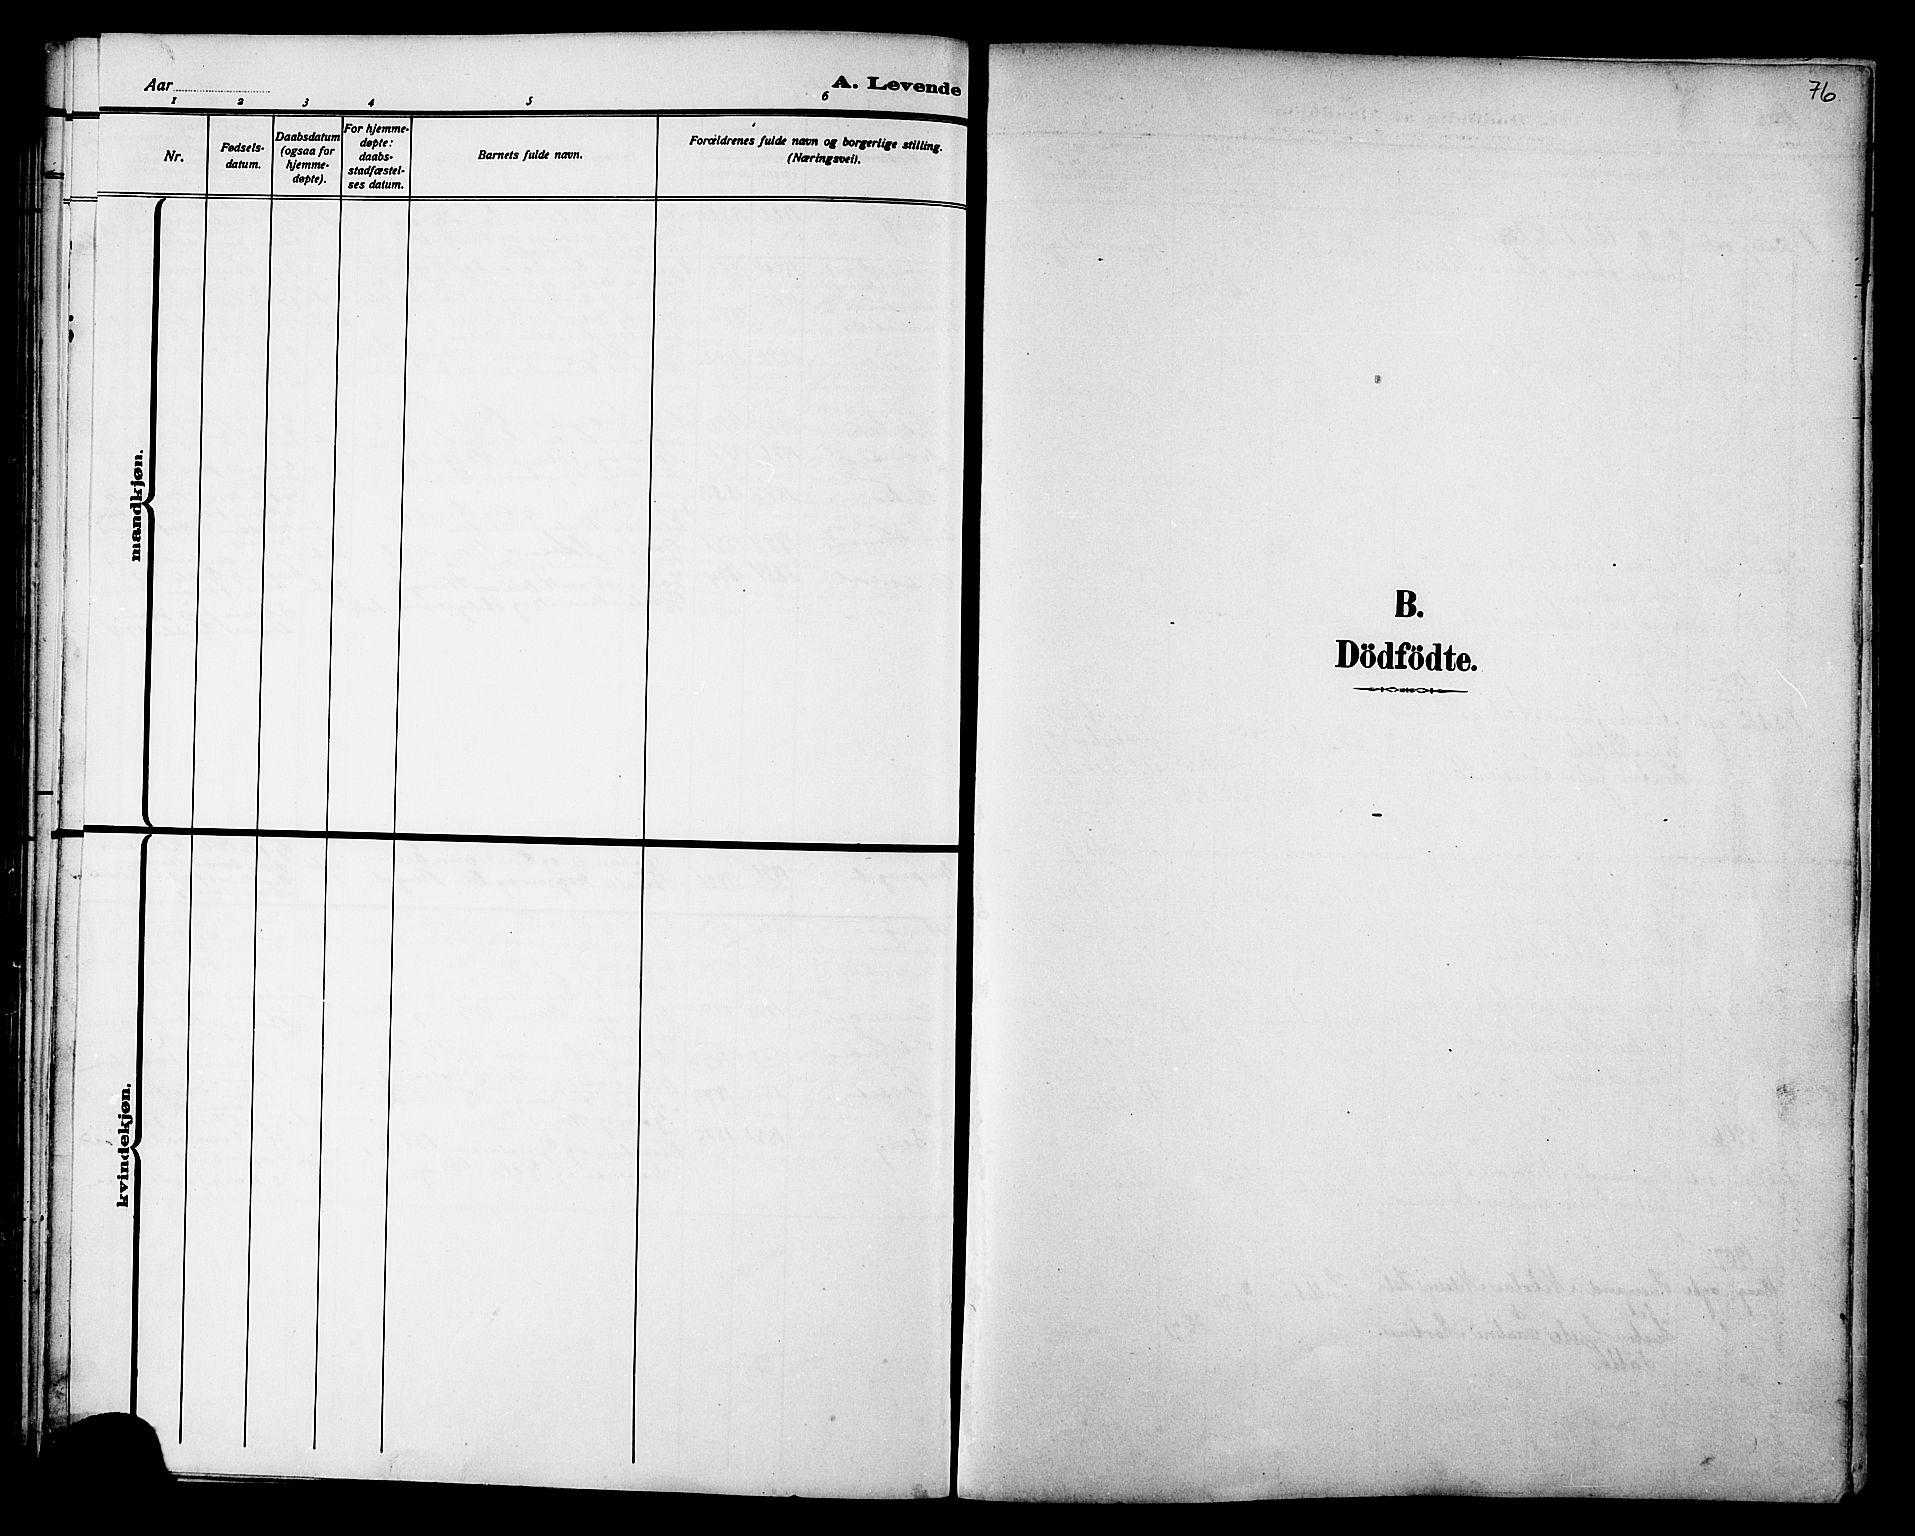 SAT, Ministerialprotokoller, klokkerbøker og fødselsregistre - Nord-Trøndelag, 733/L0327: Parish register (copy) no. 733C02, 1888-1918, p. 76